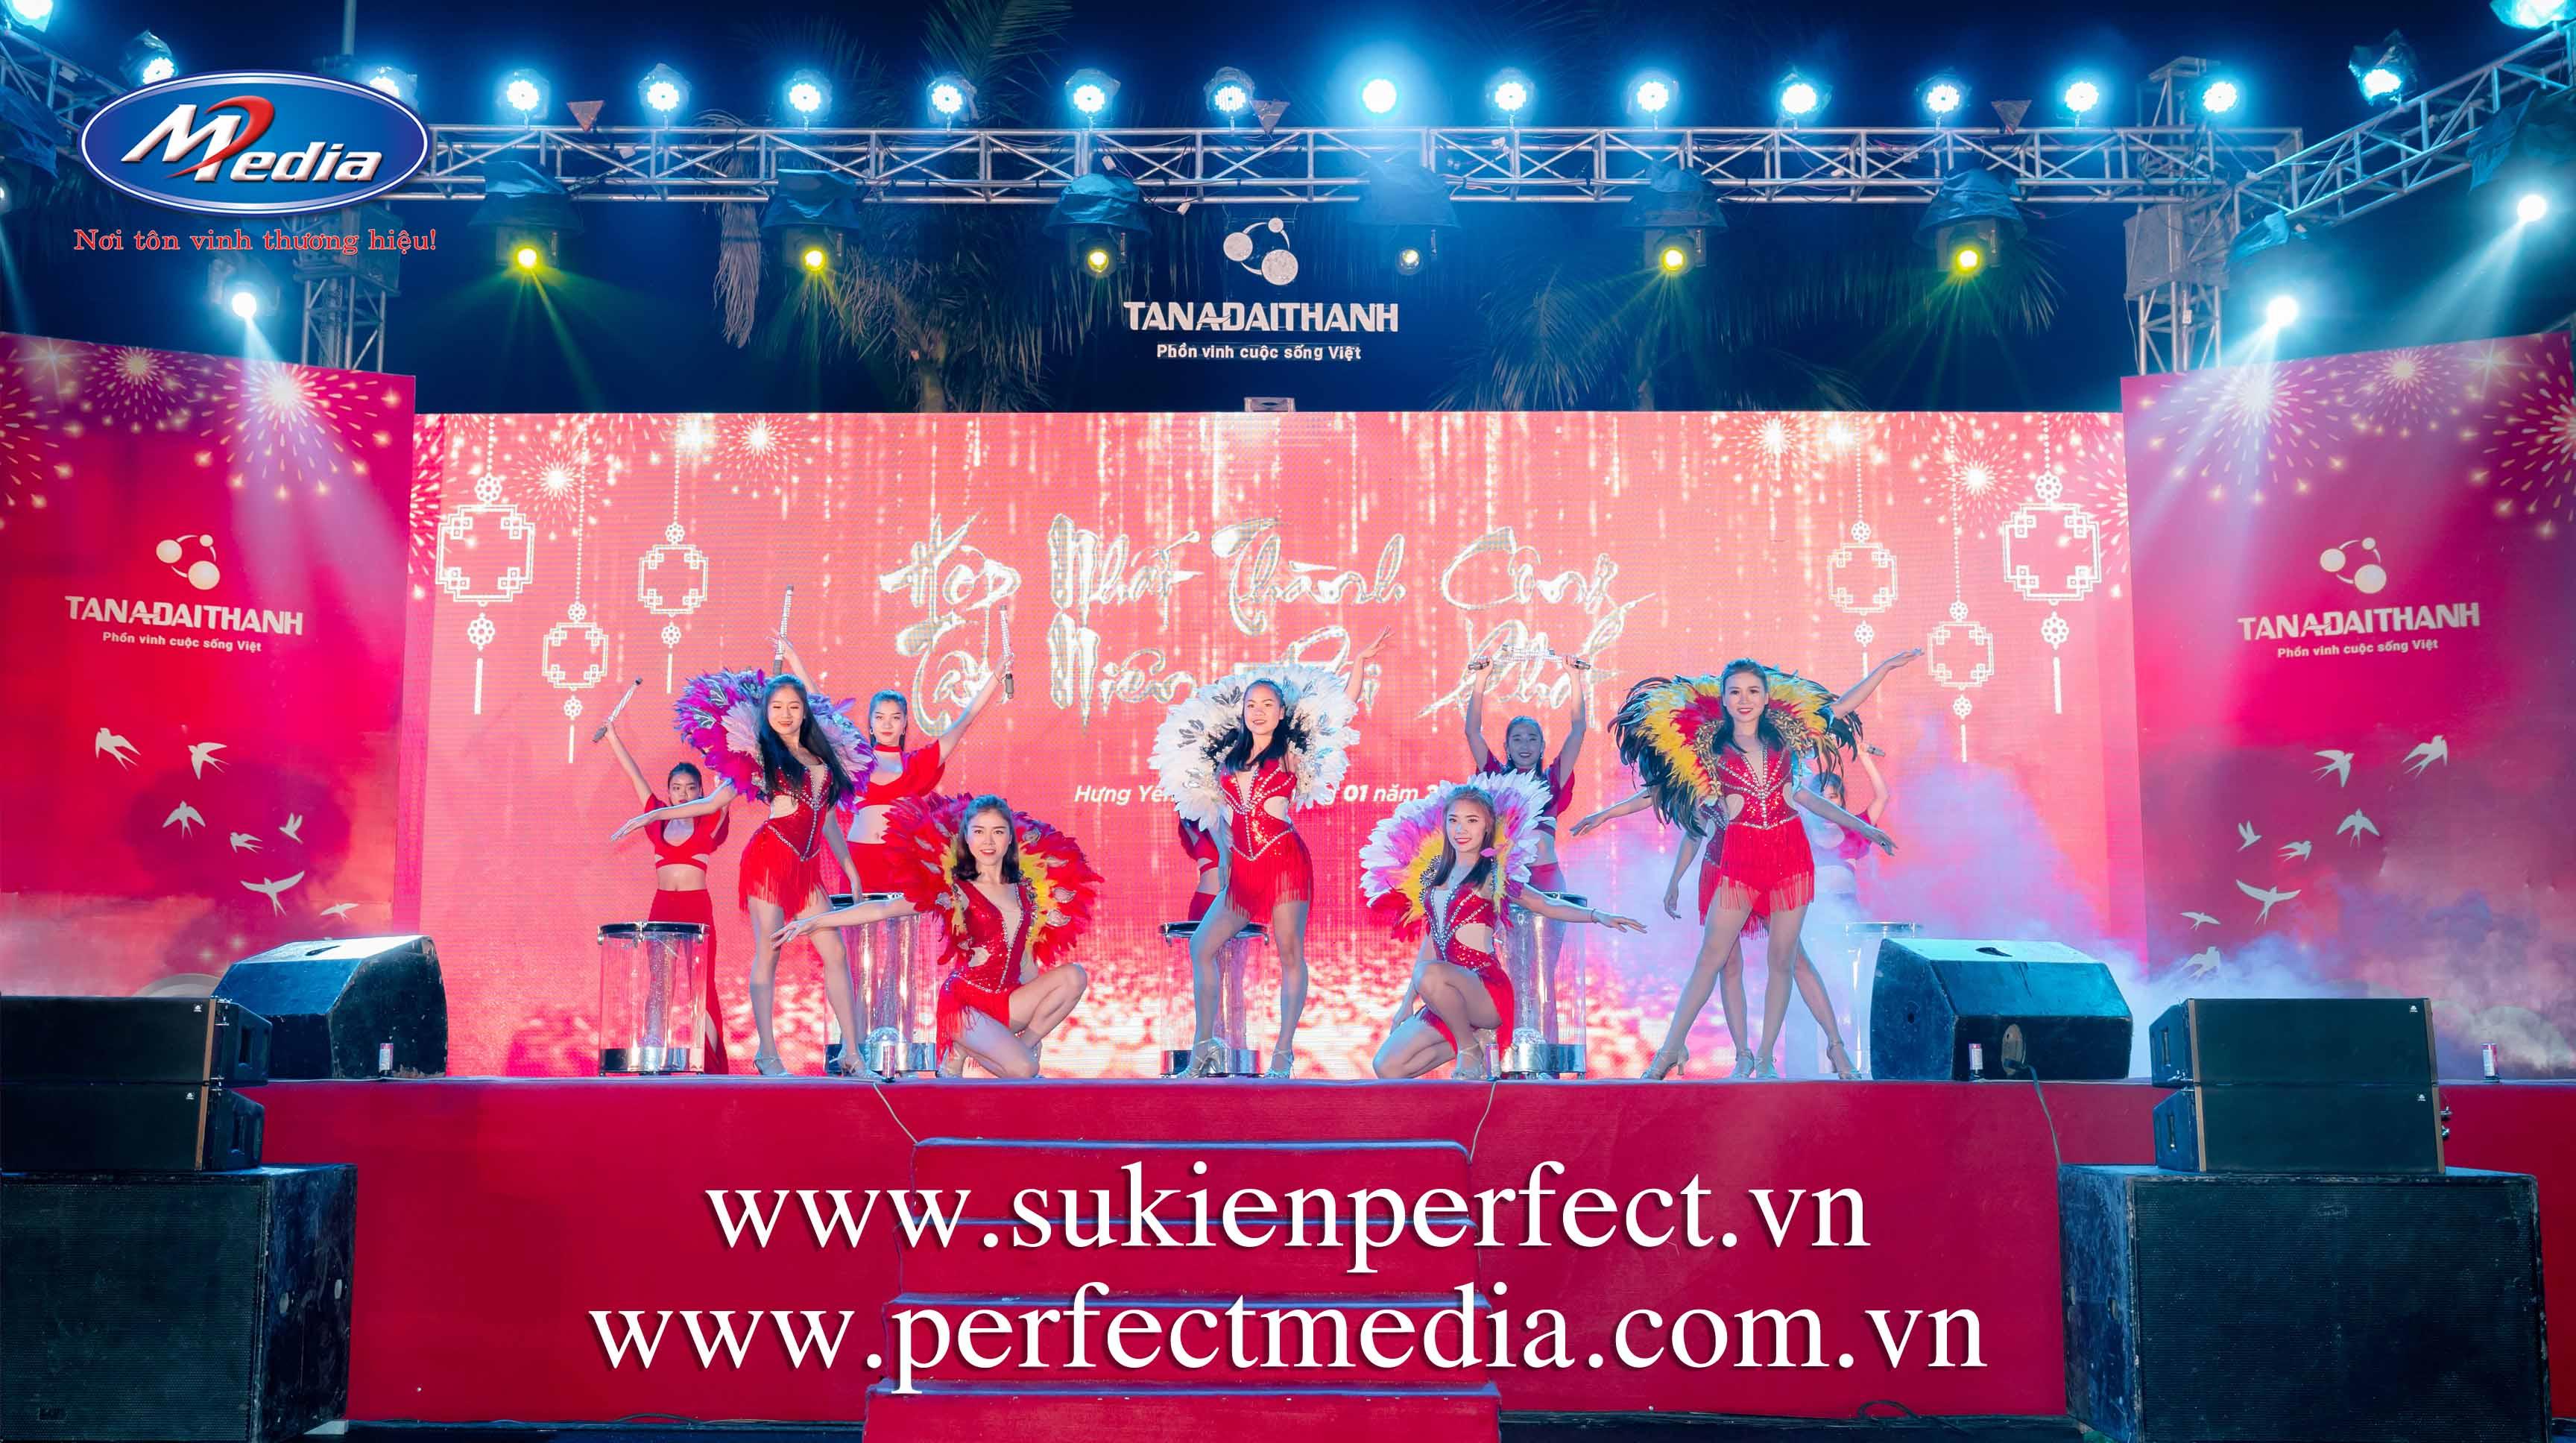 tổ chức lễ khai trương, khánh thành tại Ninh Bình